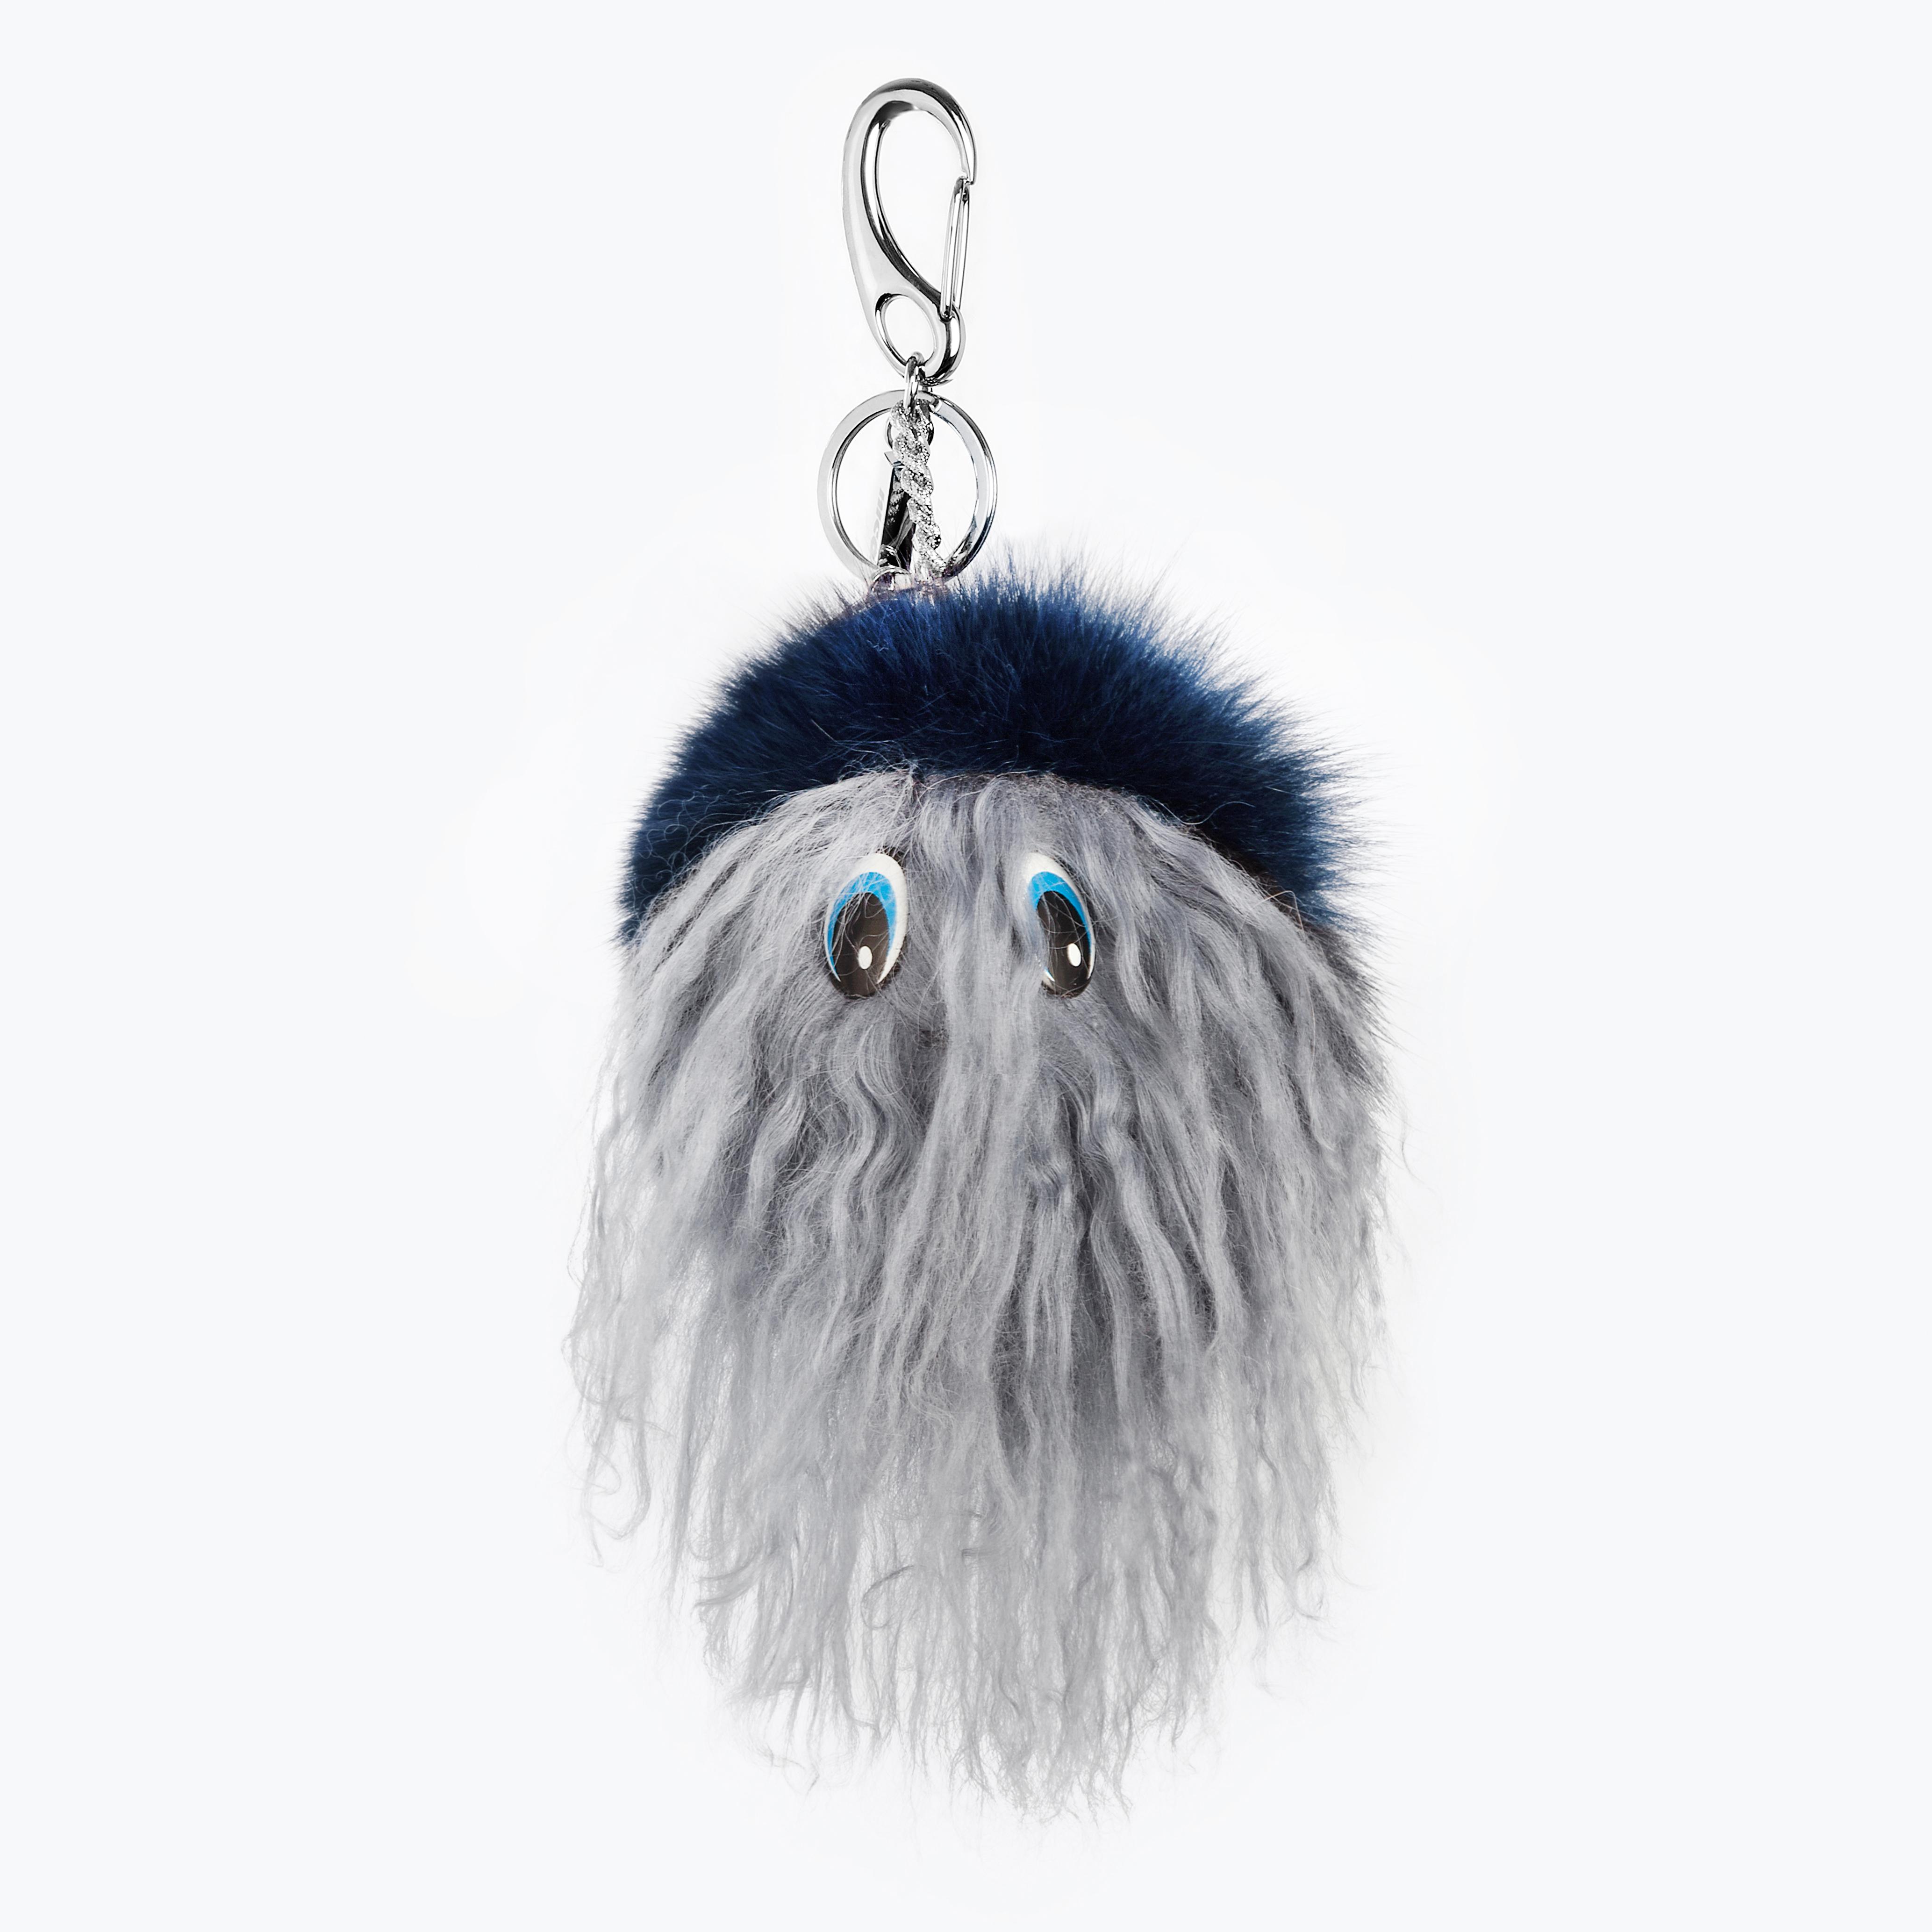 Portachiavi pelliccia volpe pon pon charms borsa blu grigio perla | Nicola Pelliccerie